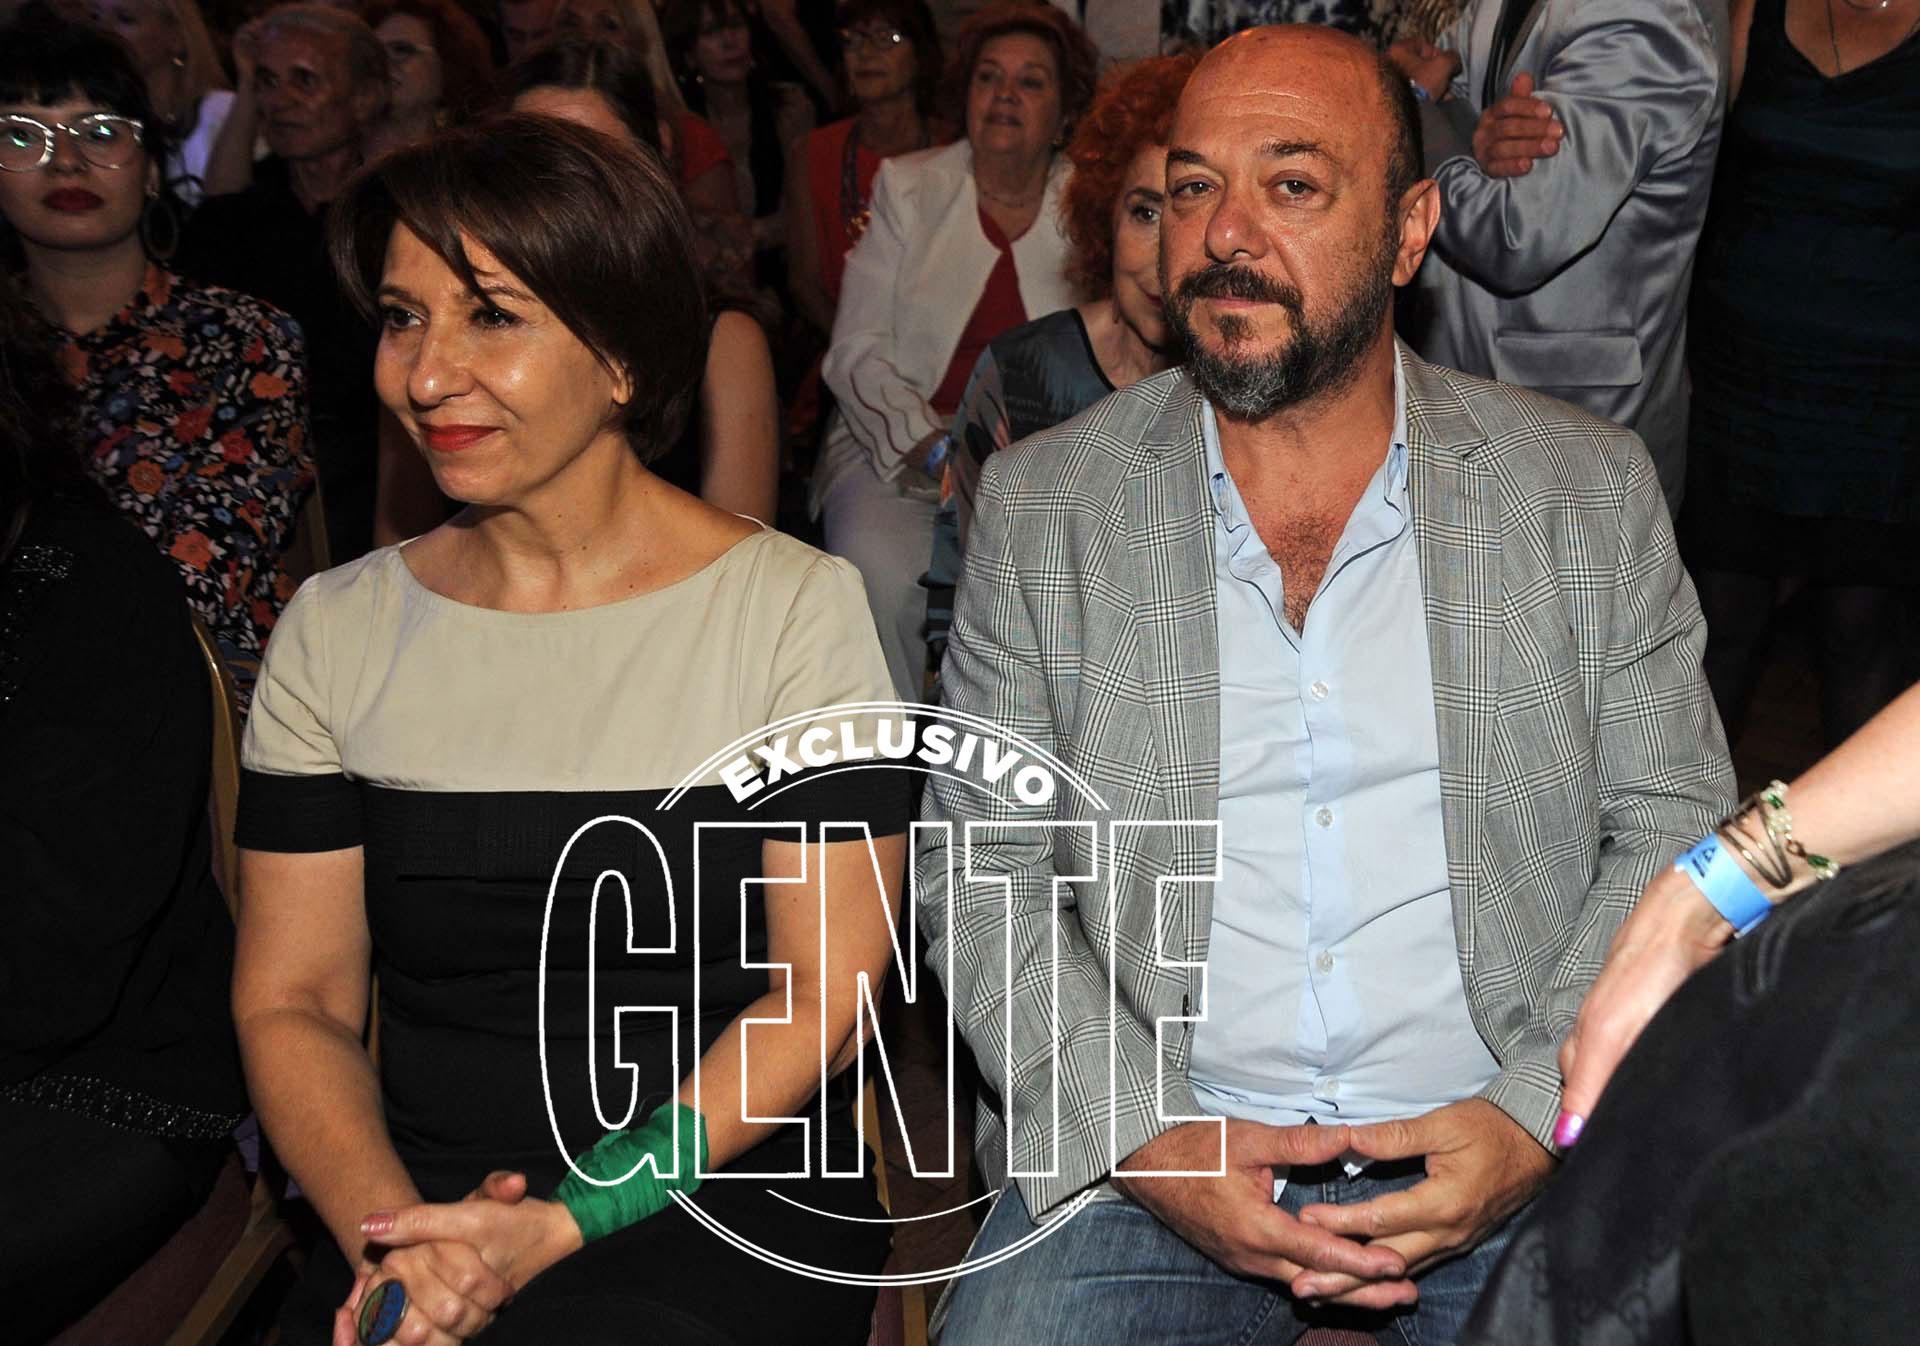 Alejandra Flechner junto a Luis Ziembrowski, en la velada que reunió a los actores. Foto: Enrique García Medina/GENTE